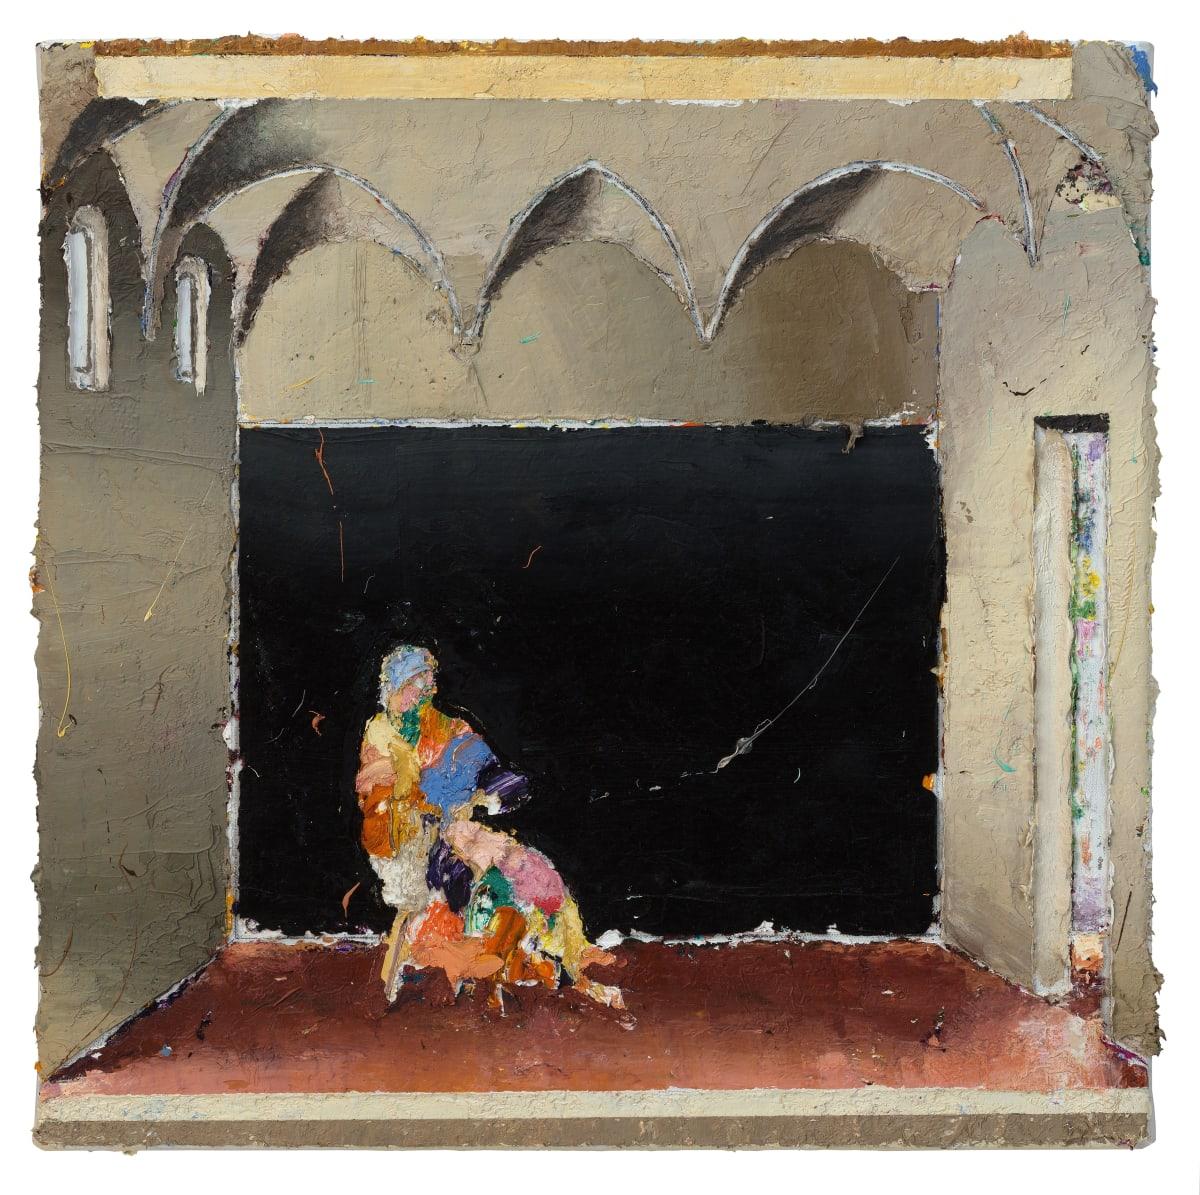 Refractorium 1, 2017 Oil on canvas 48.5 x 48.5 cm 19 1/8 x 19 1/8 in